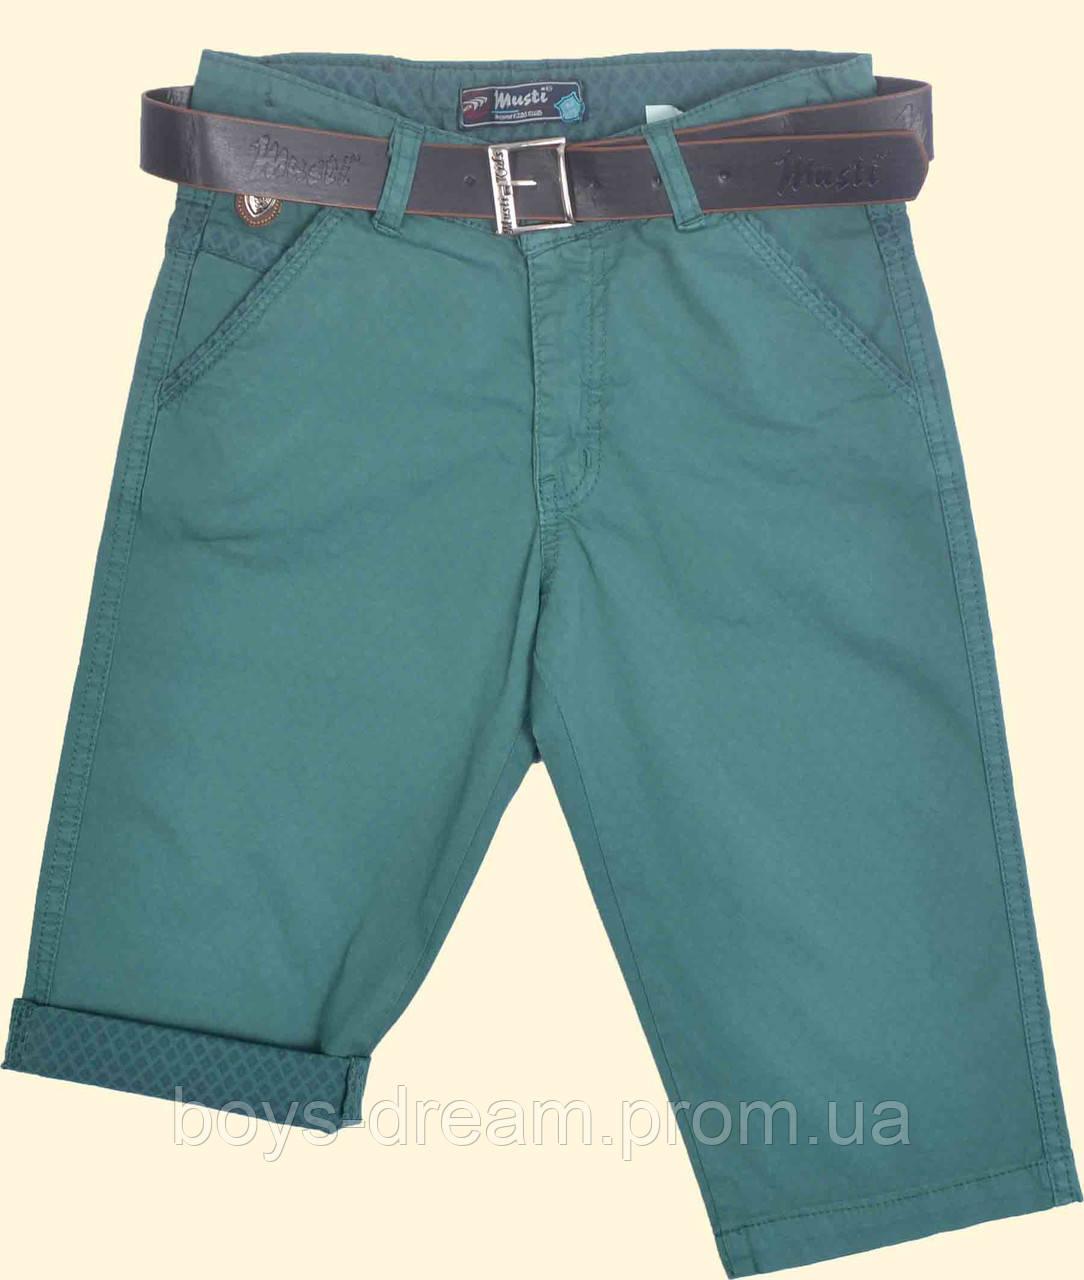 Бриджи, шорты для мальчика (152-176)(Турция)